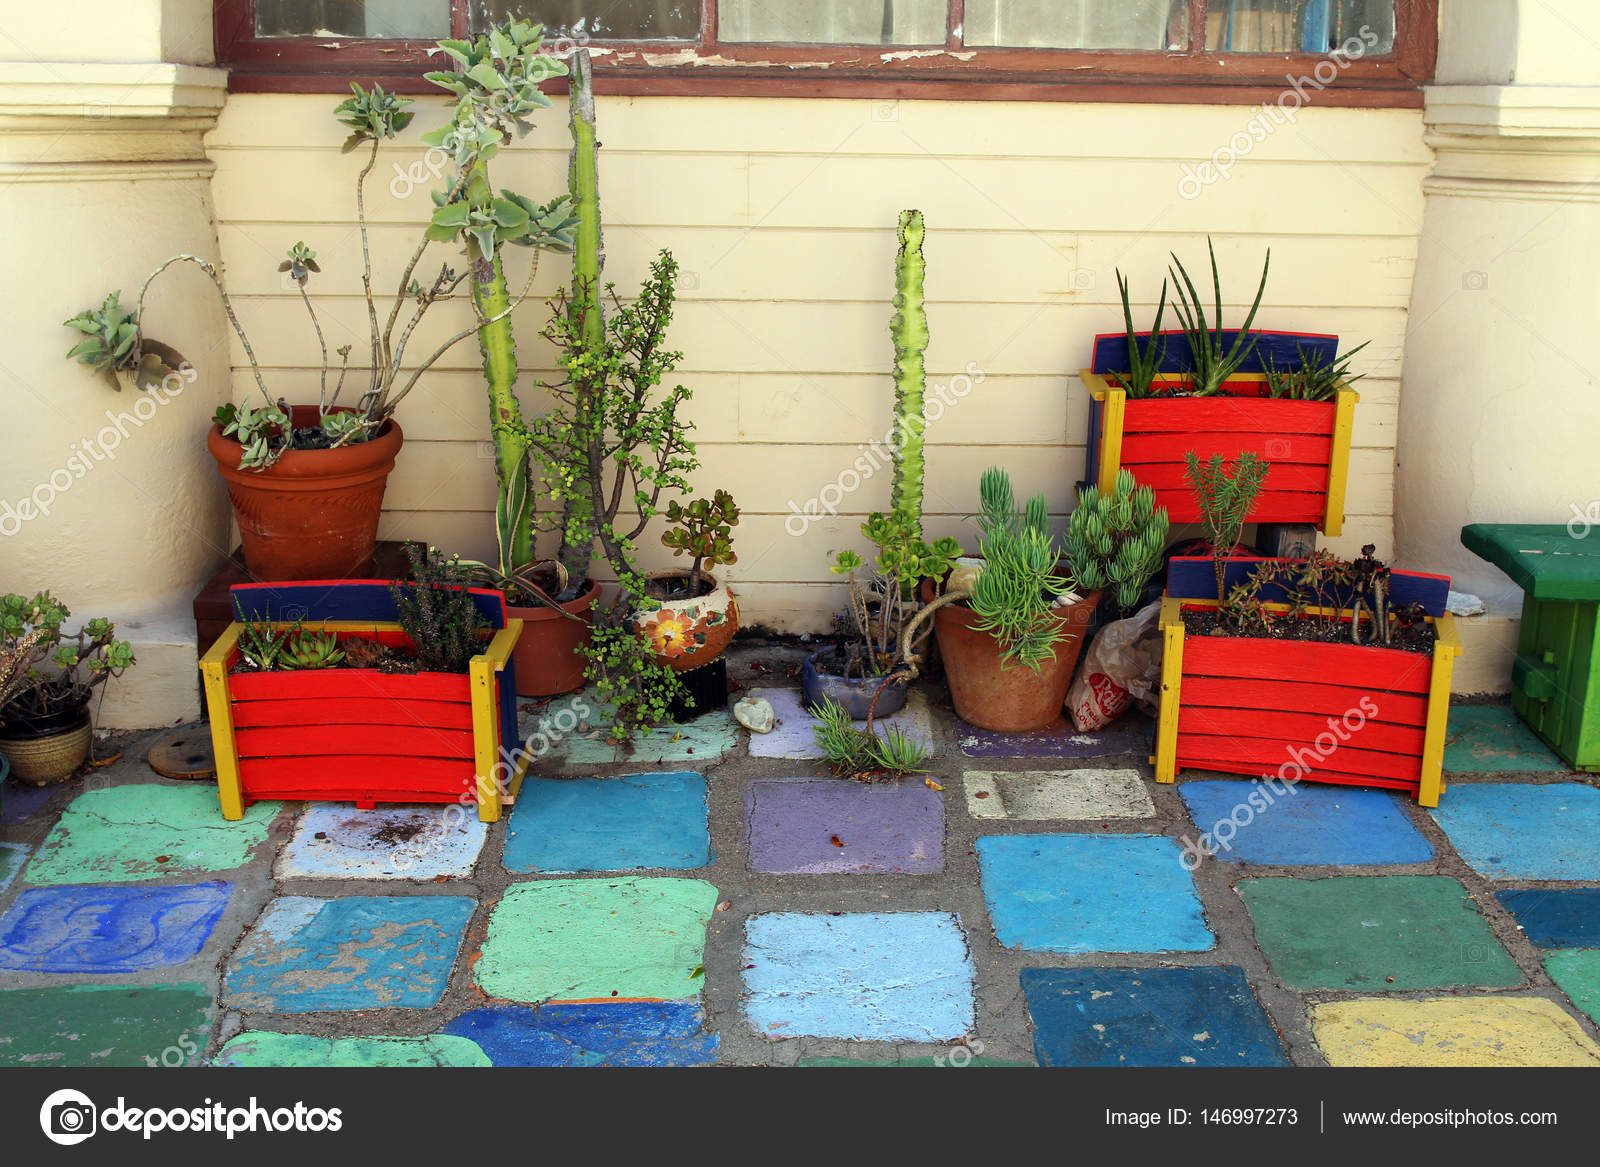 Scatole di legno colorati e vasi con piante e cactus su un